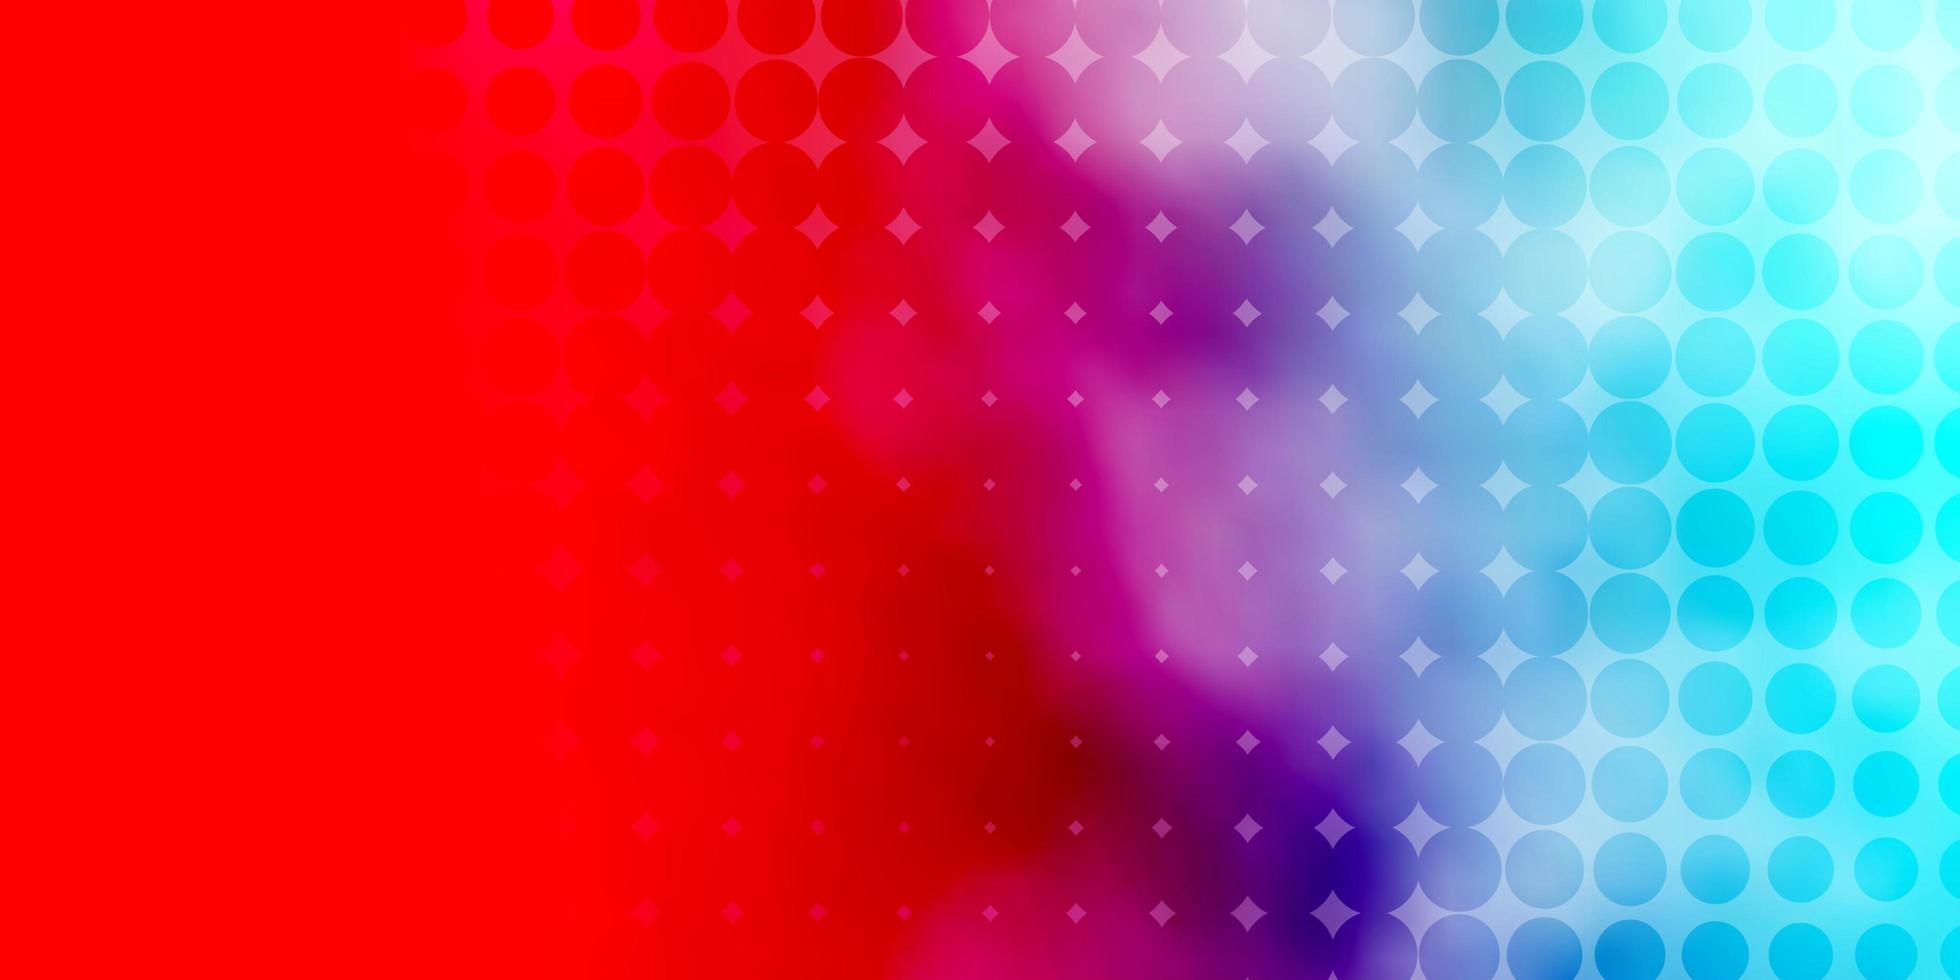 padrão azul claro, vermelho com círculos. vetor